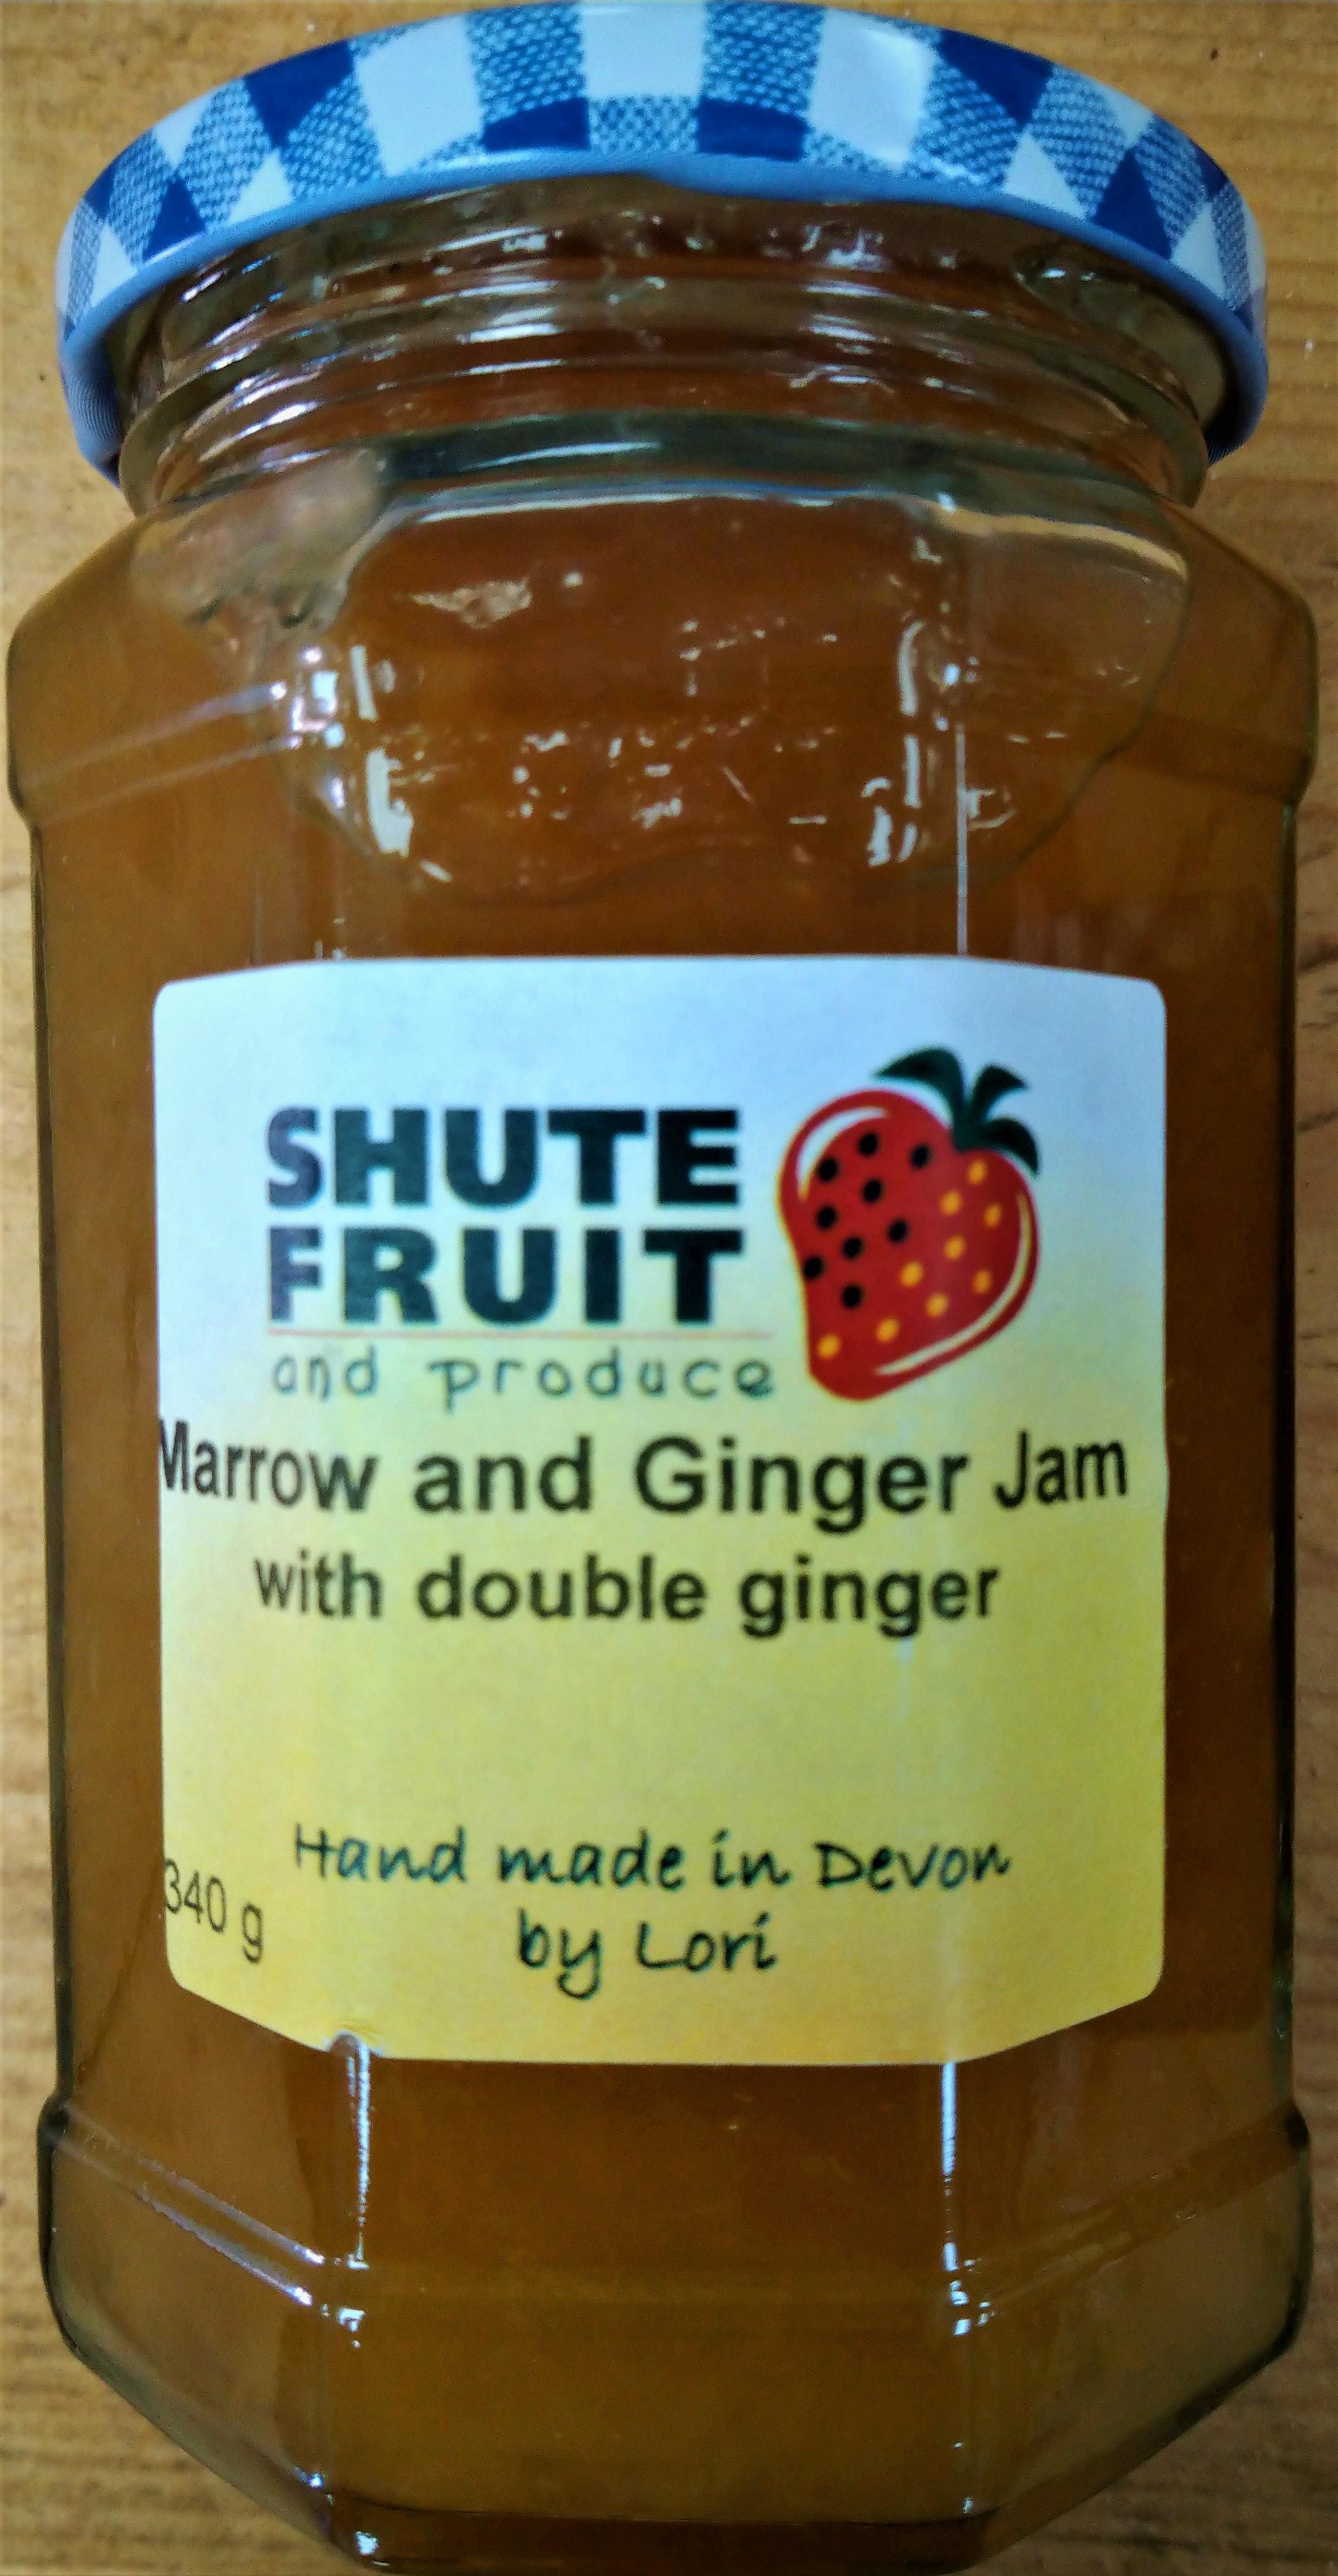 Shute Fruit Jam